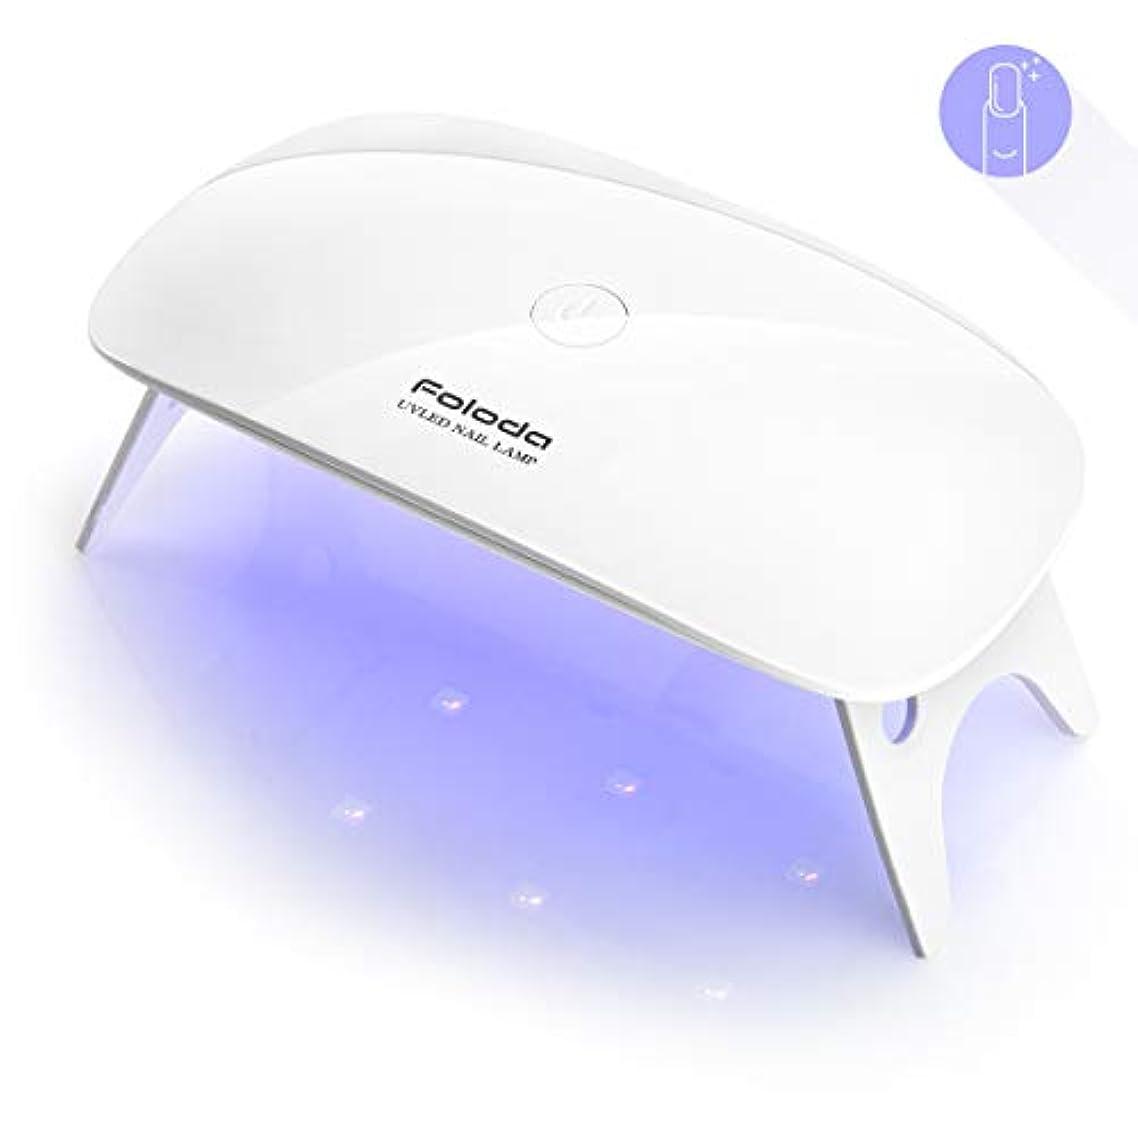 陰謀弓設計図LEDネイルドライヤー UVライト Foloda タイマー設定可能 折りたたみ式手足とも使える 人感センサー式 LED 硬化ライト UV と LEDダブルライト ジェルネイル用 ホワイト (white)